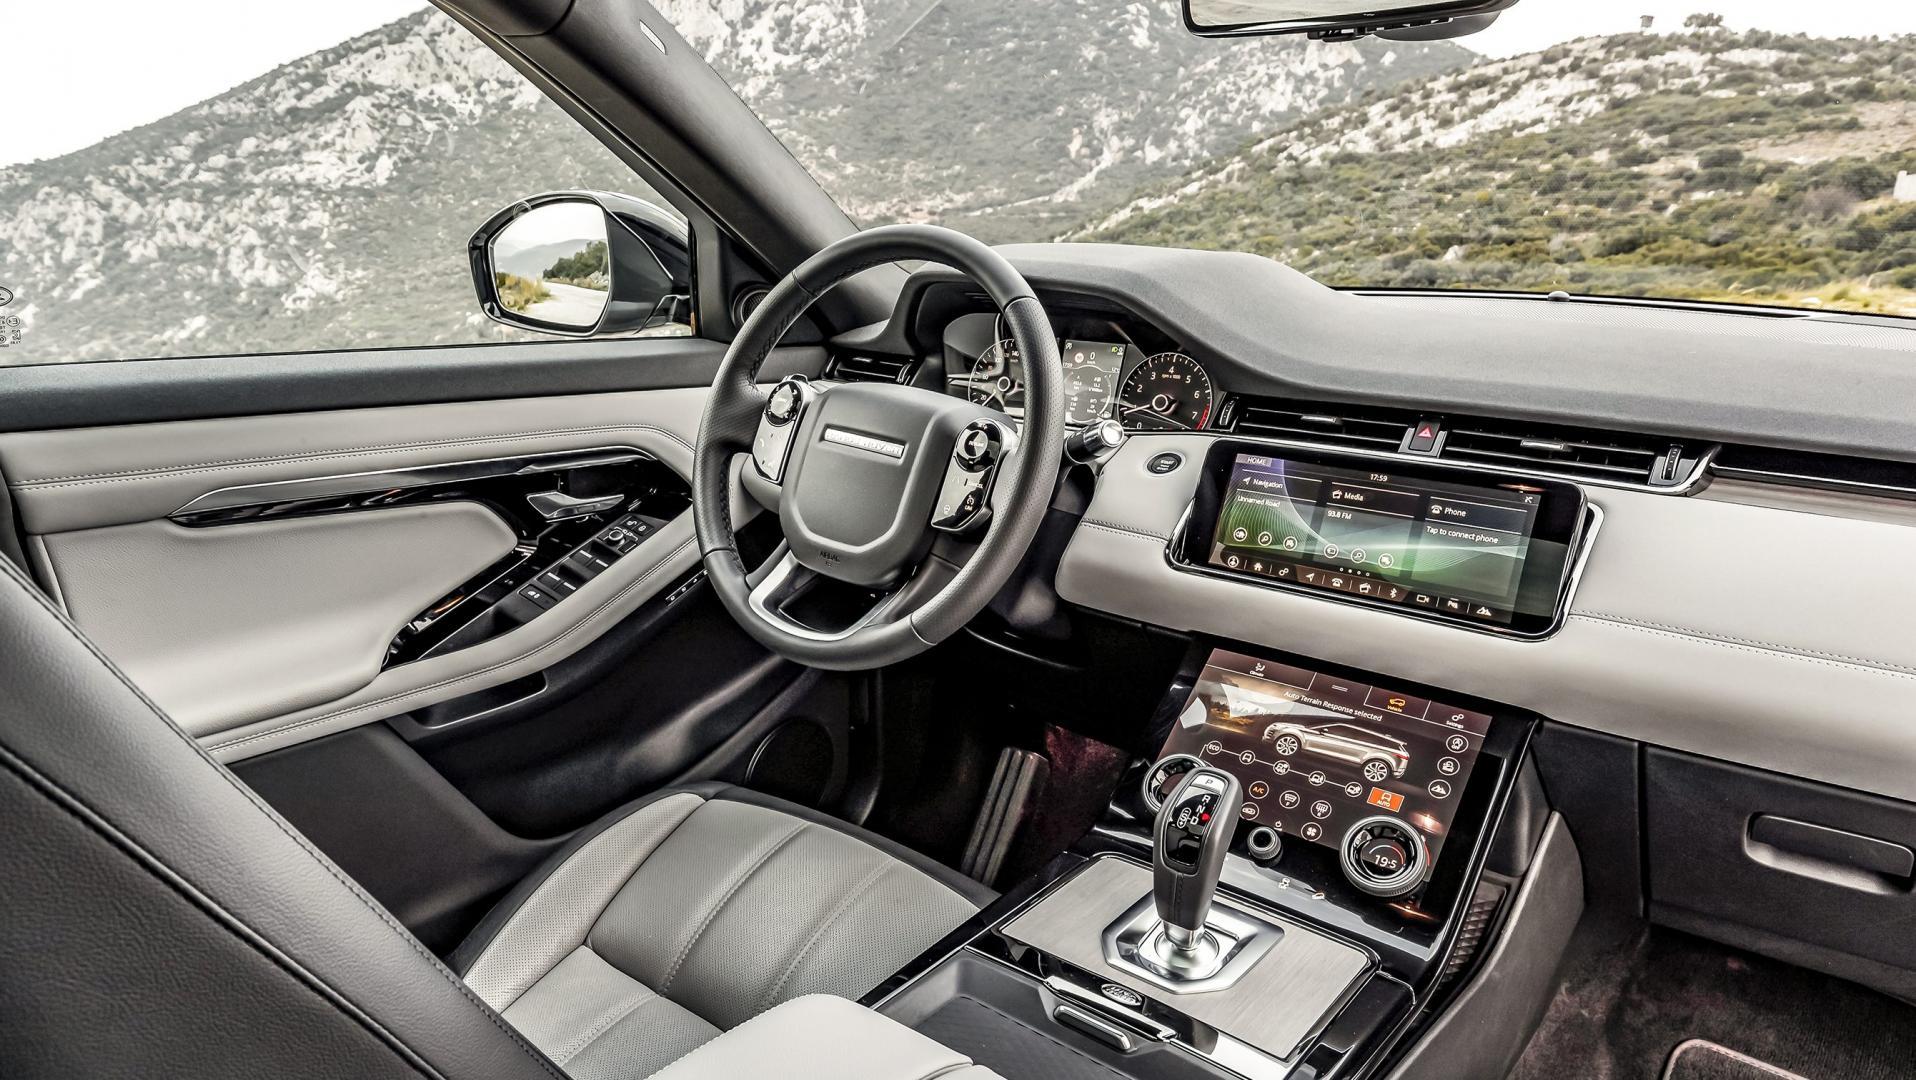 Range Rover Evoque P300 HSE R-Dynamic interieur dashboard